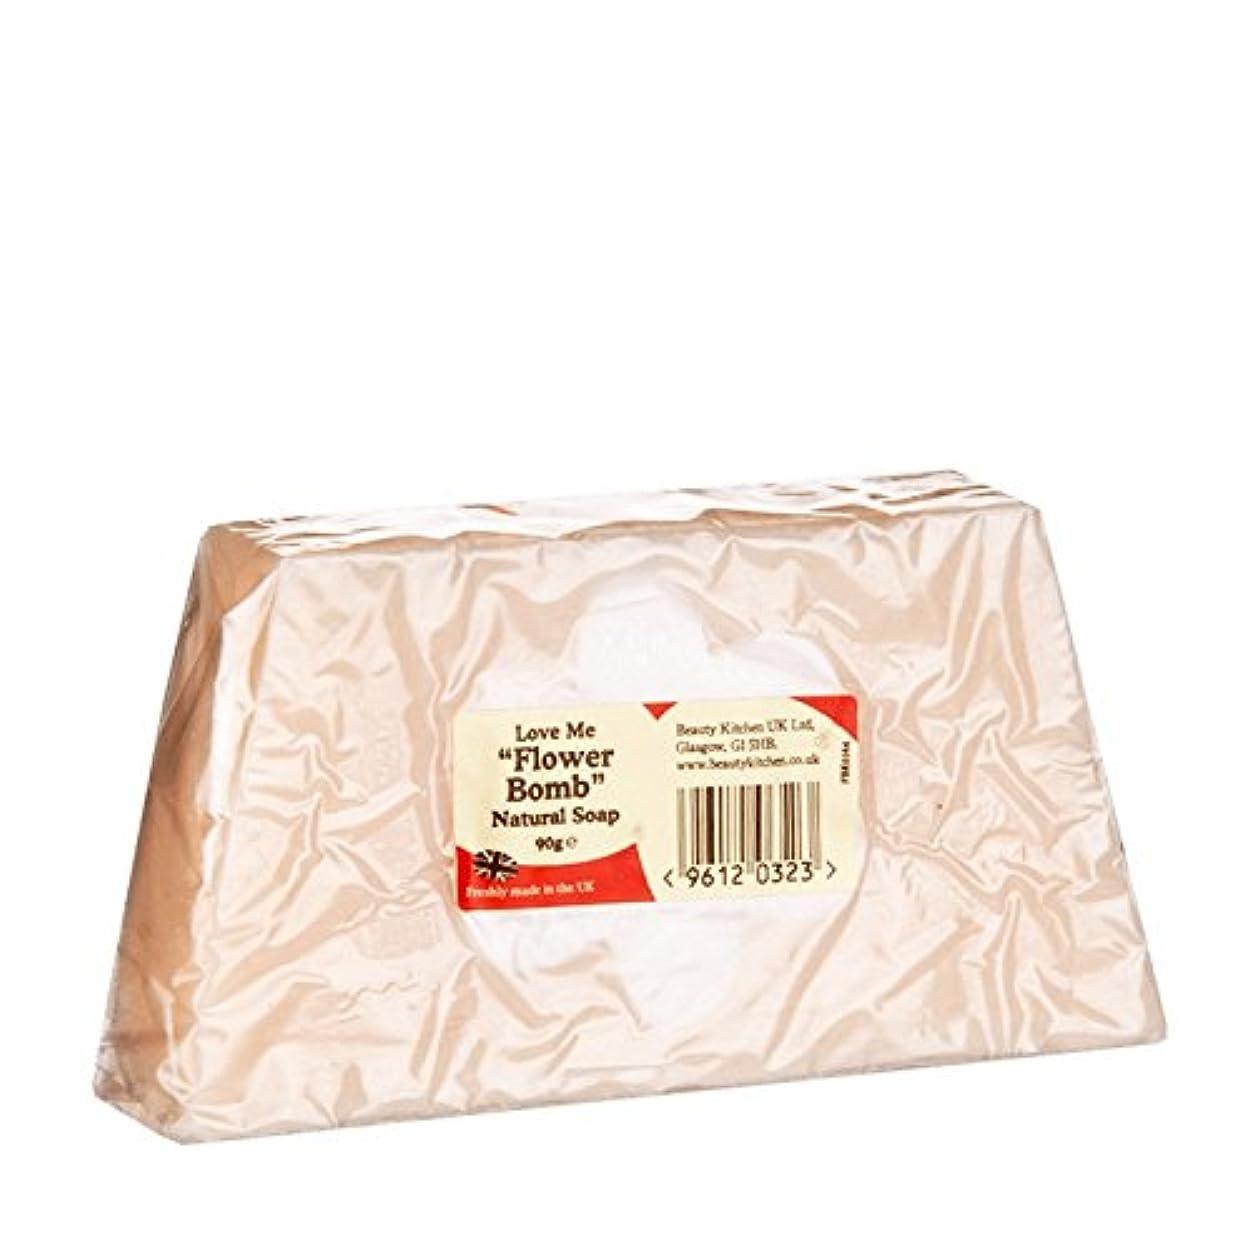 聖職者ホールドBeauty Kitchen Love Me Flower Bomb Natural Soap 90g (Pack of 6) - 美しさのキッチンは私に花爆弾の天然石鹸90グラムを愛し (x6) [並行輸入品]